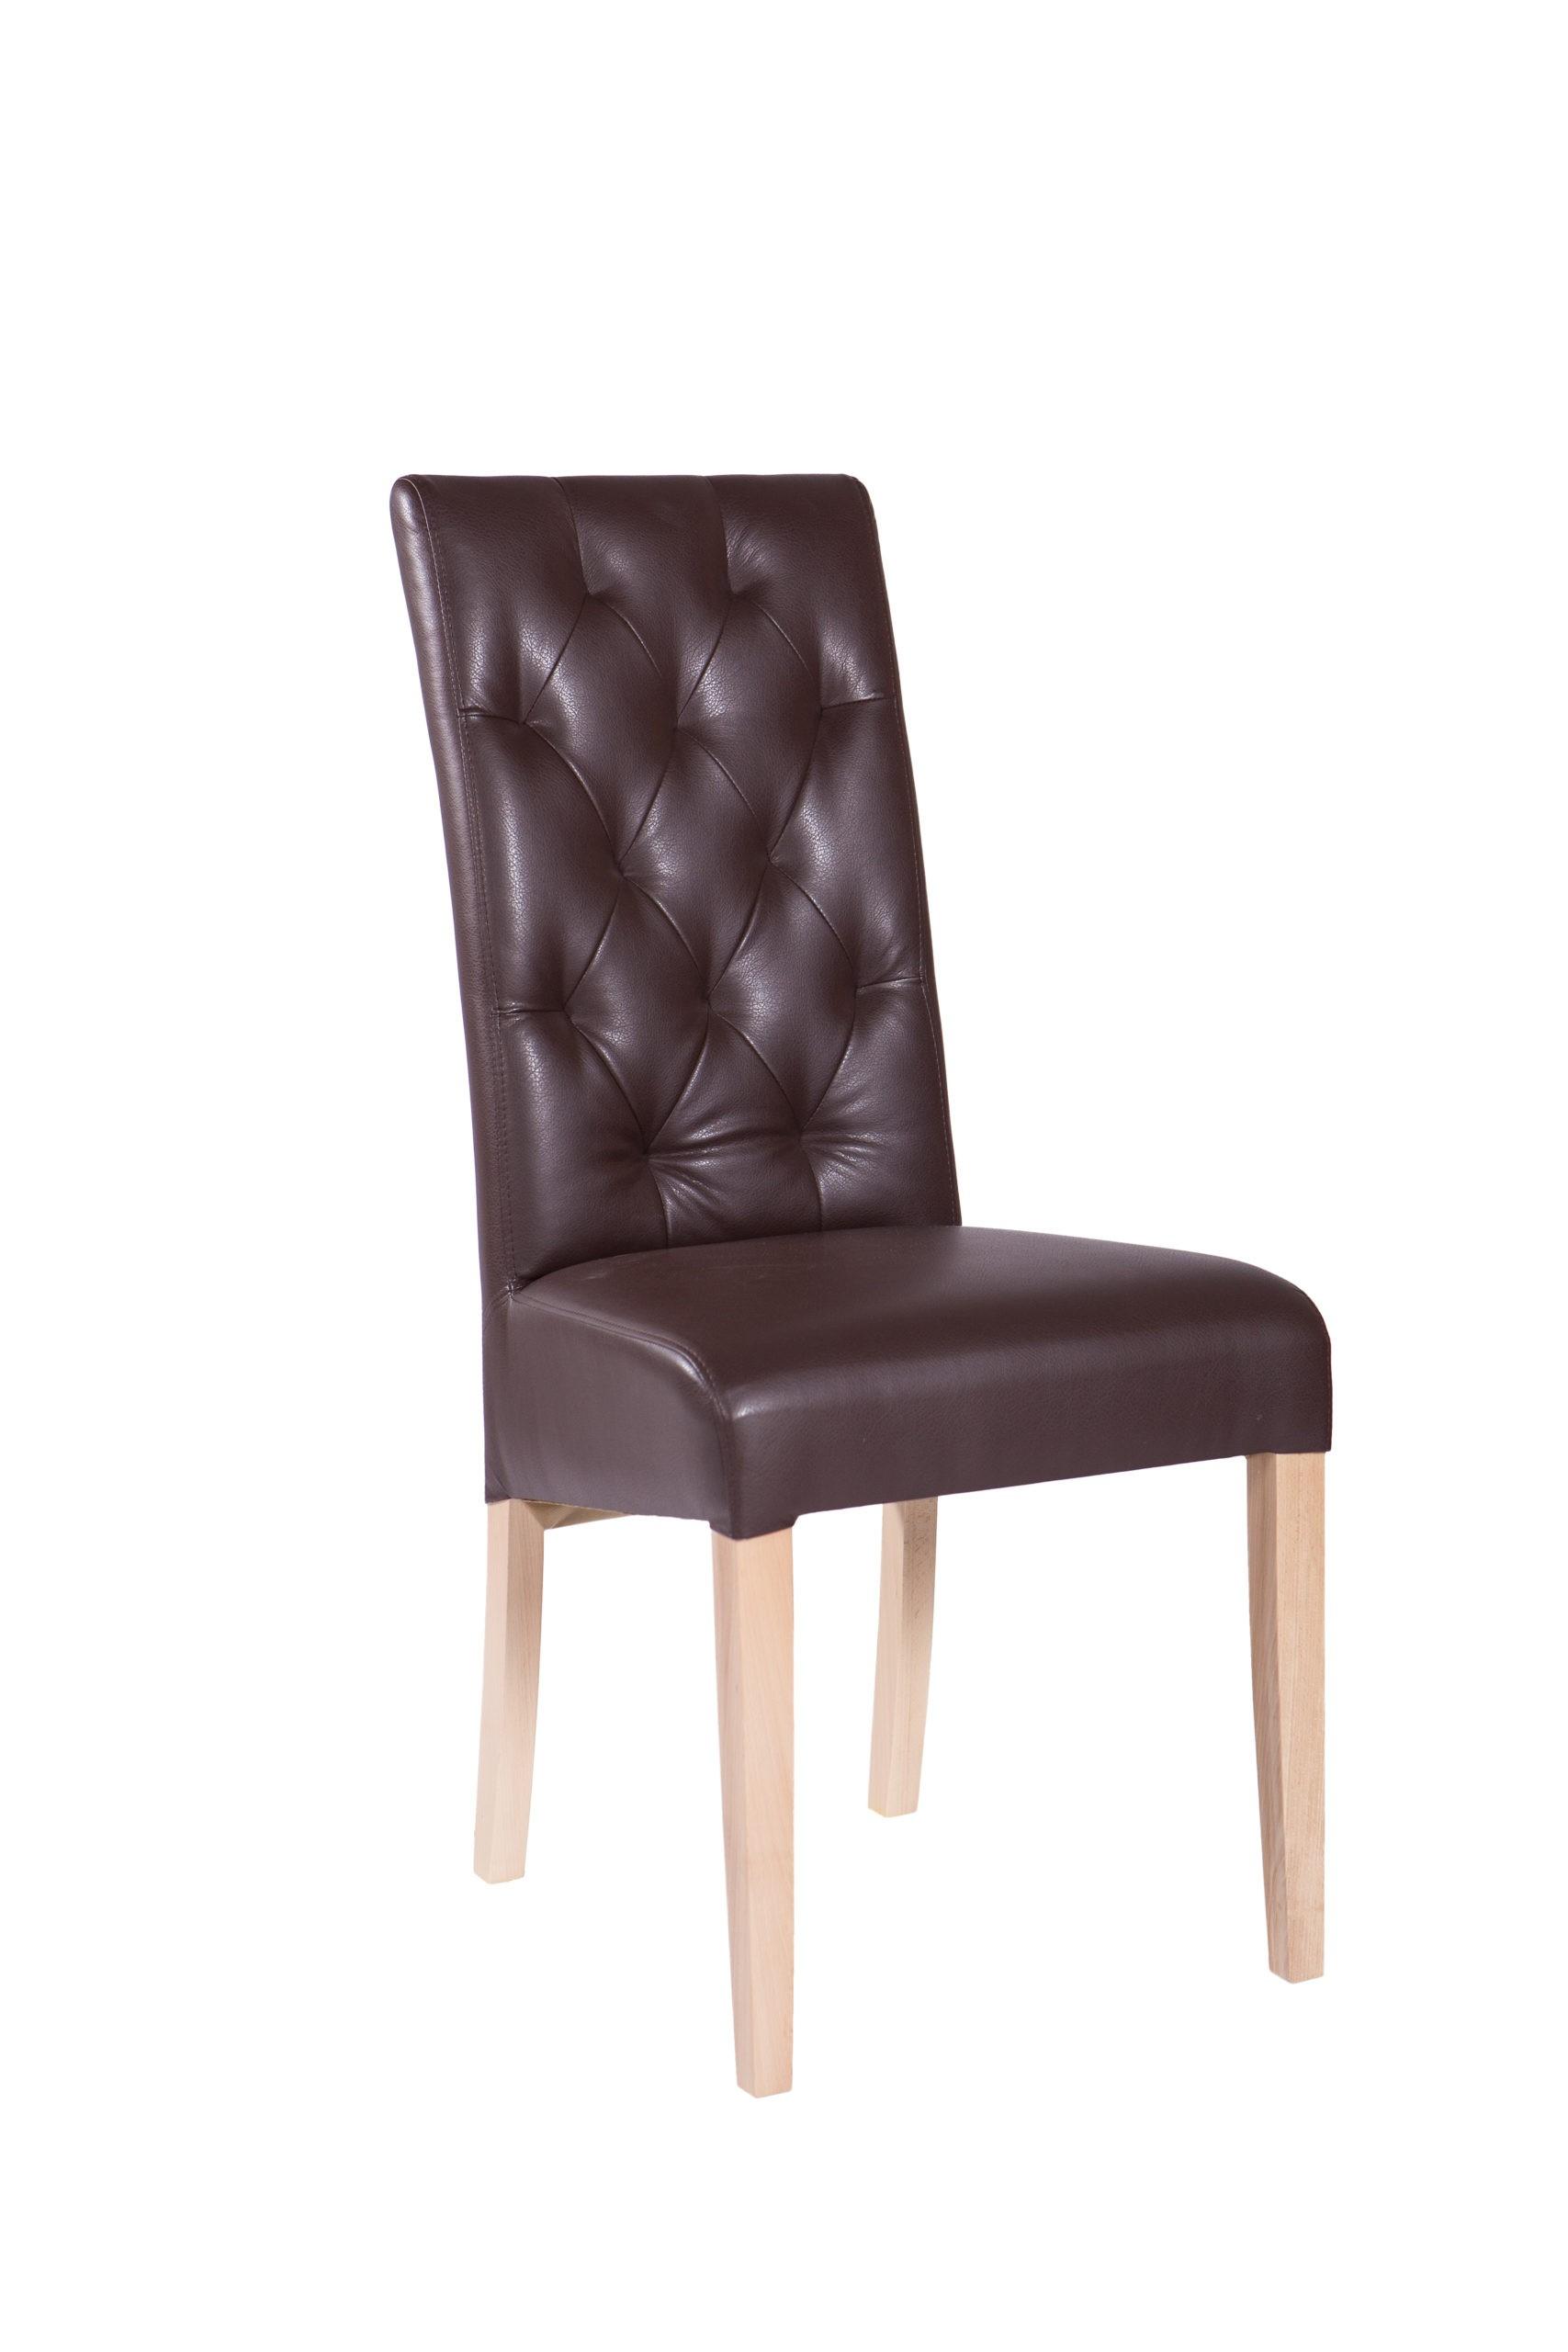 Krzesło taapicerowane KT 28 w brązowej skórze ekologicznej pikowane